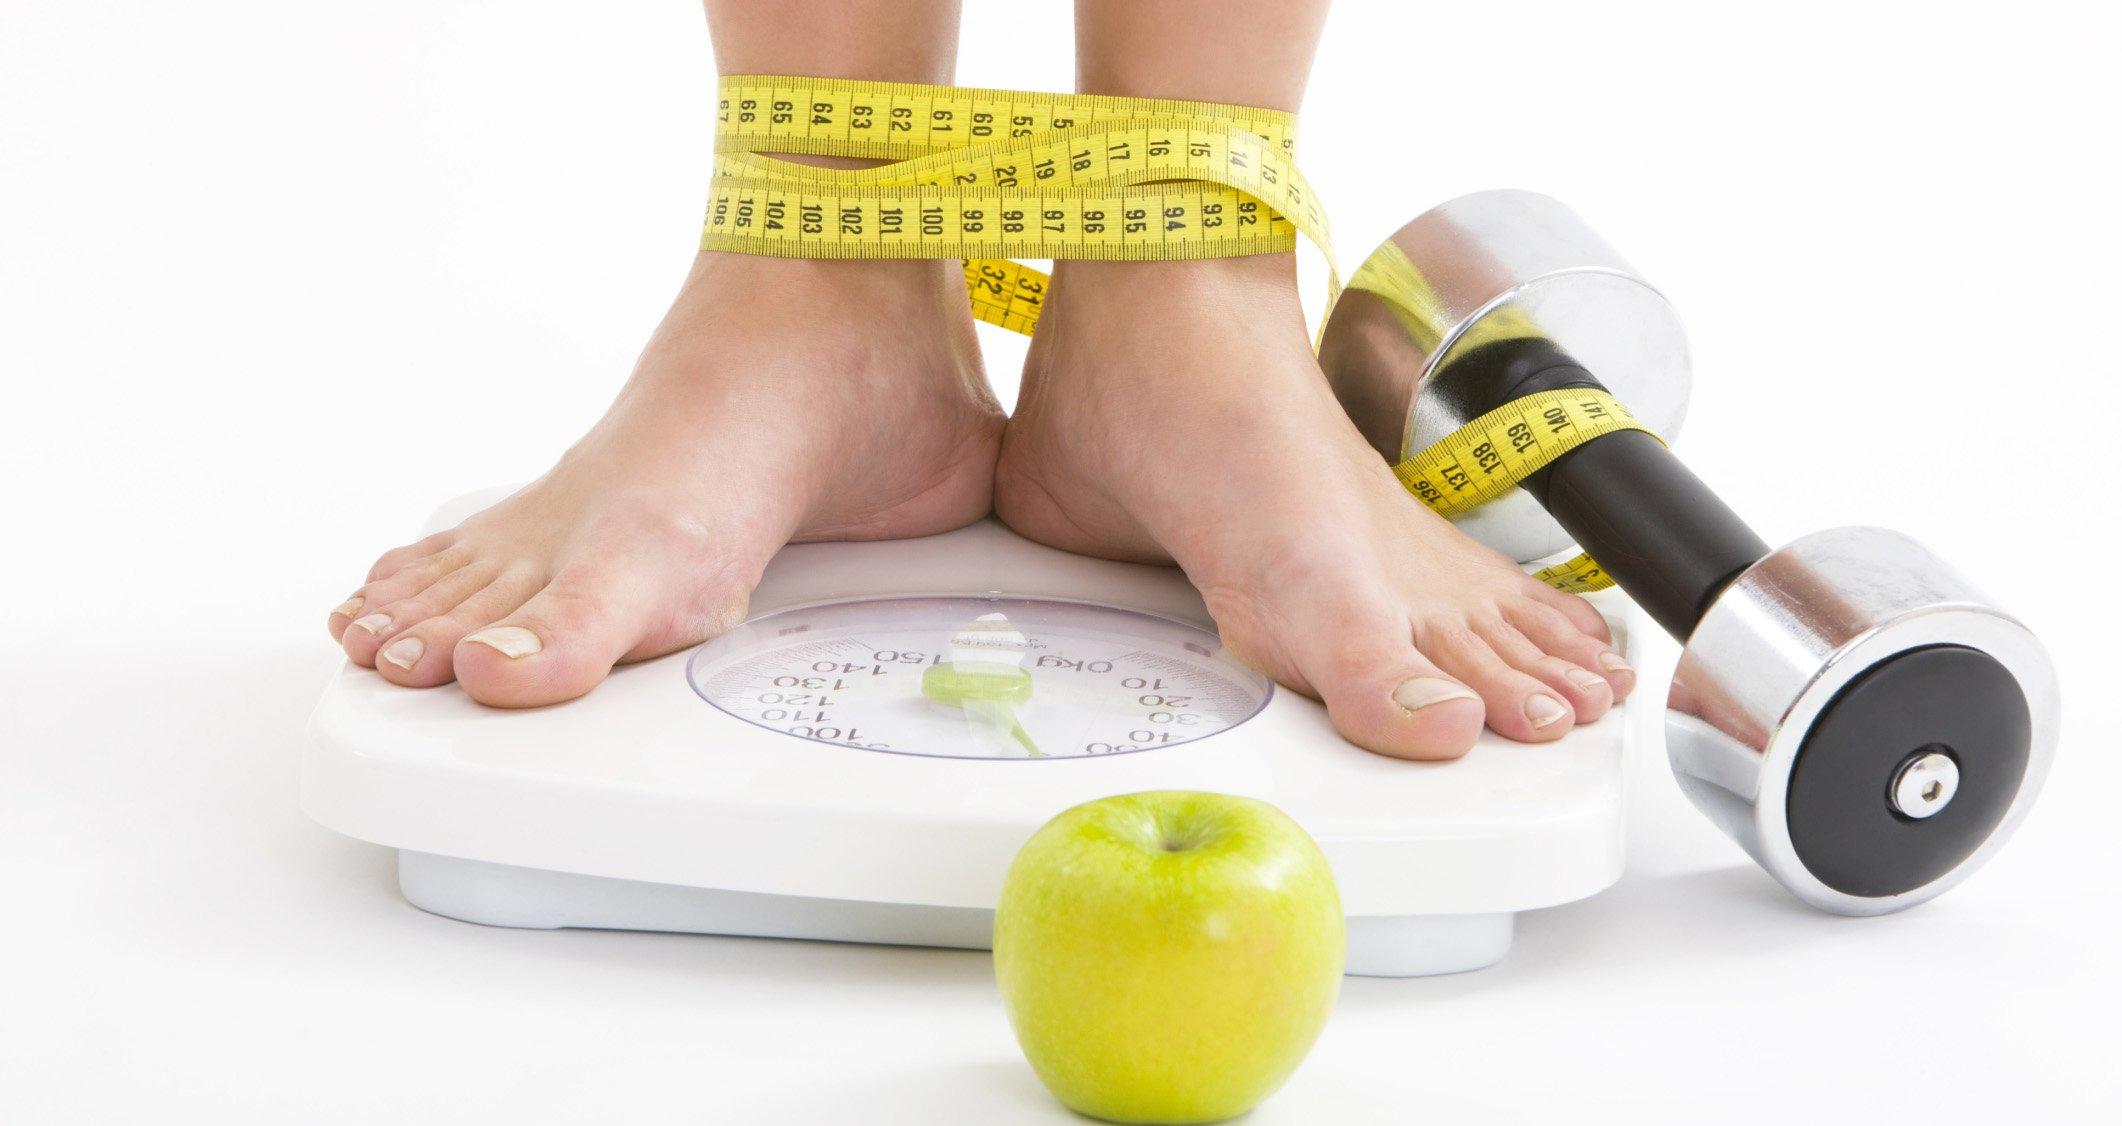 Metabolismo lento y la pérdida de peso - Blog de Farmacia Lisboa -